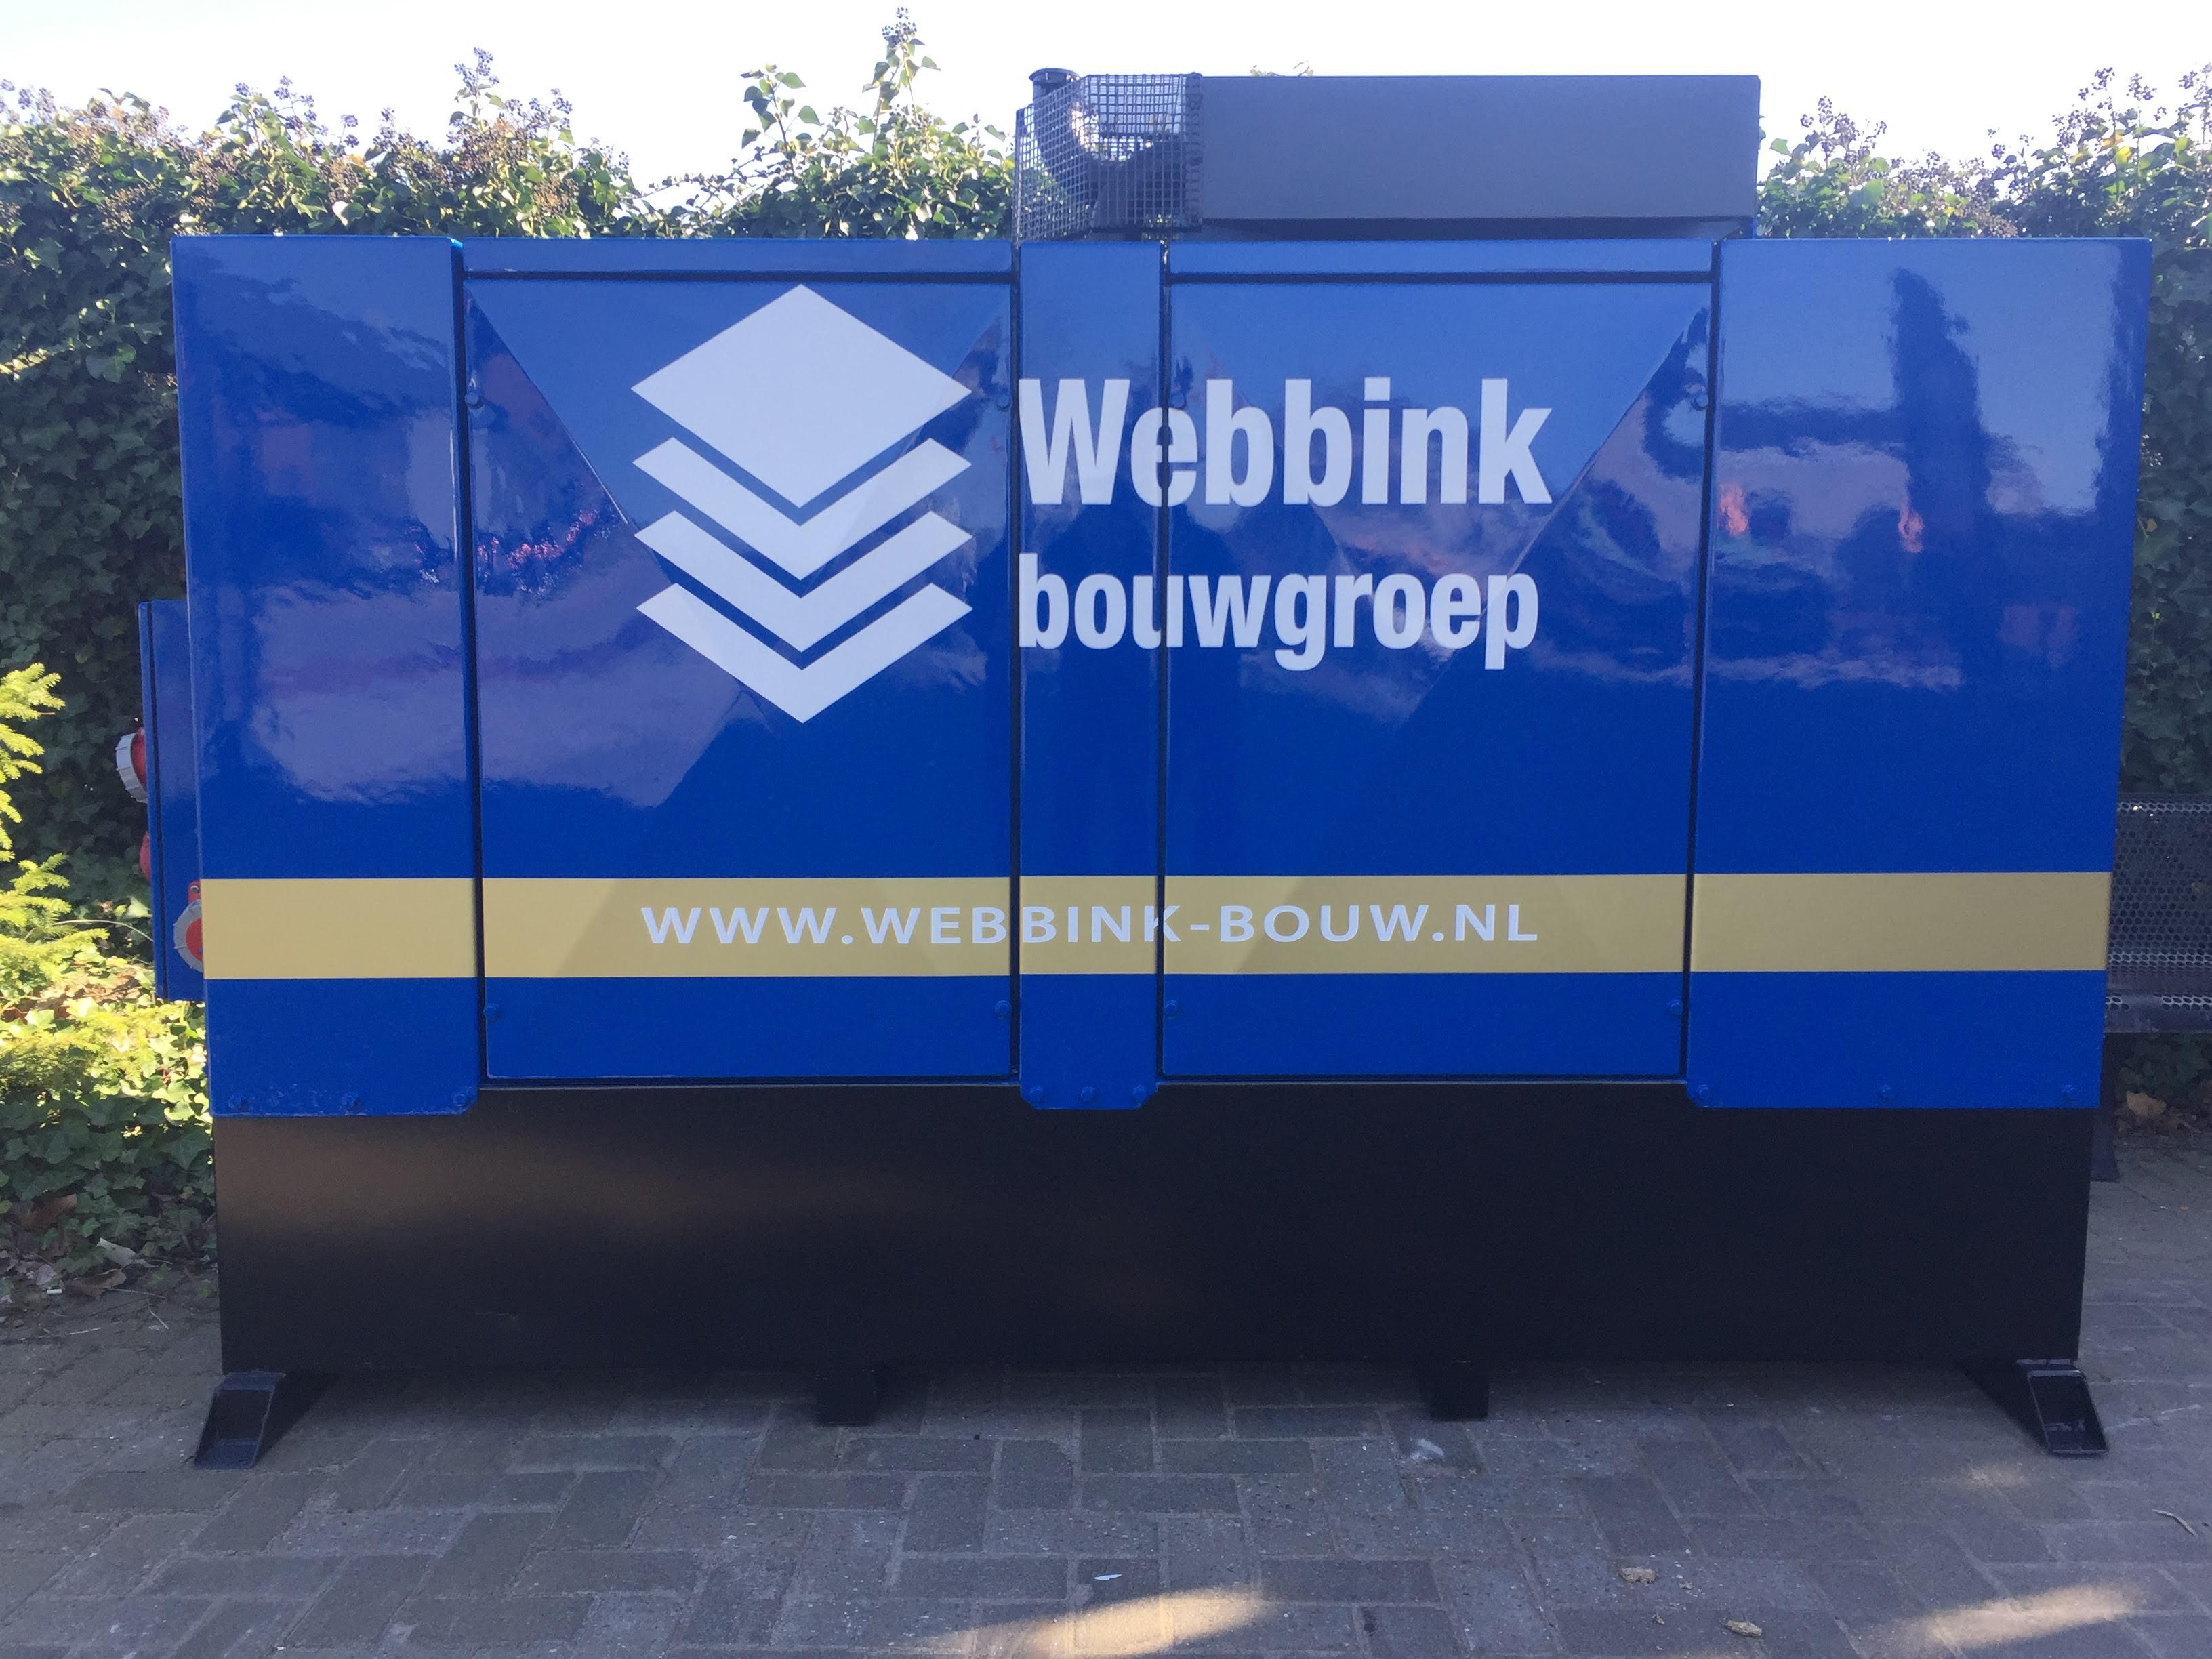 spuiten, reclame, sign, spuiterij, Twente, Vriezenveen, stickers